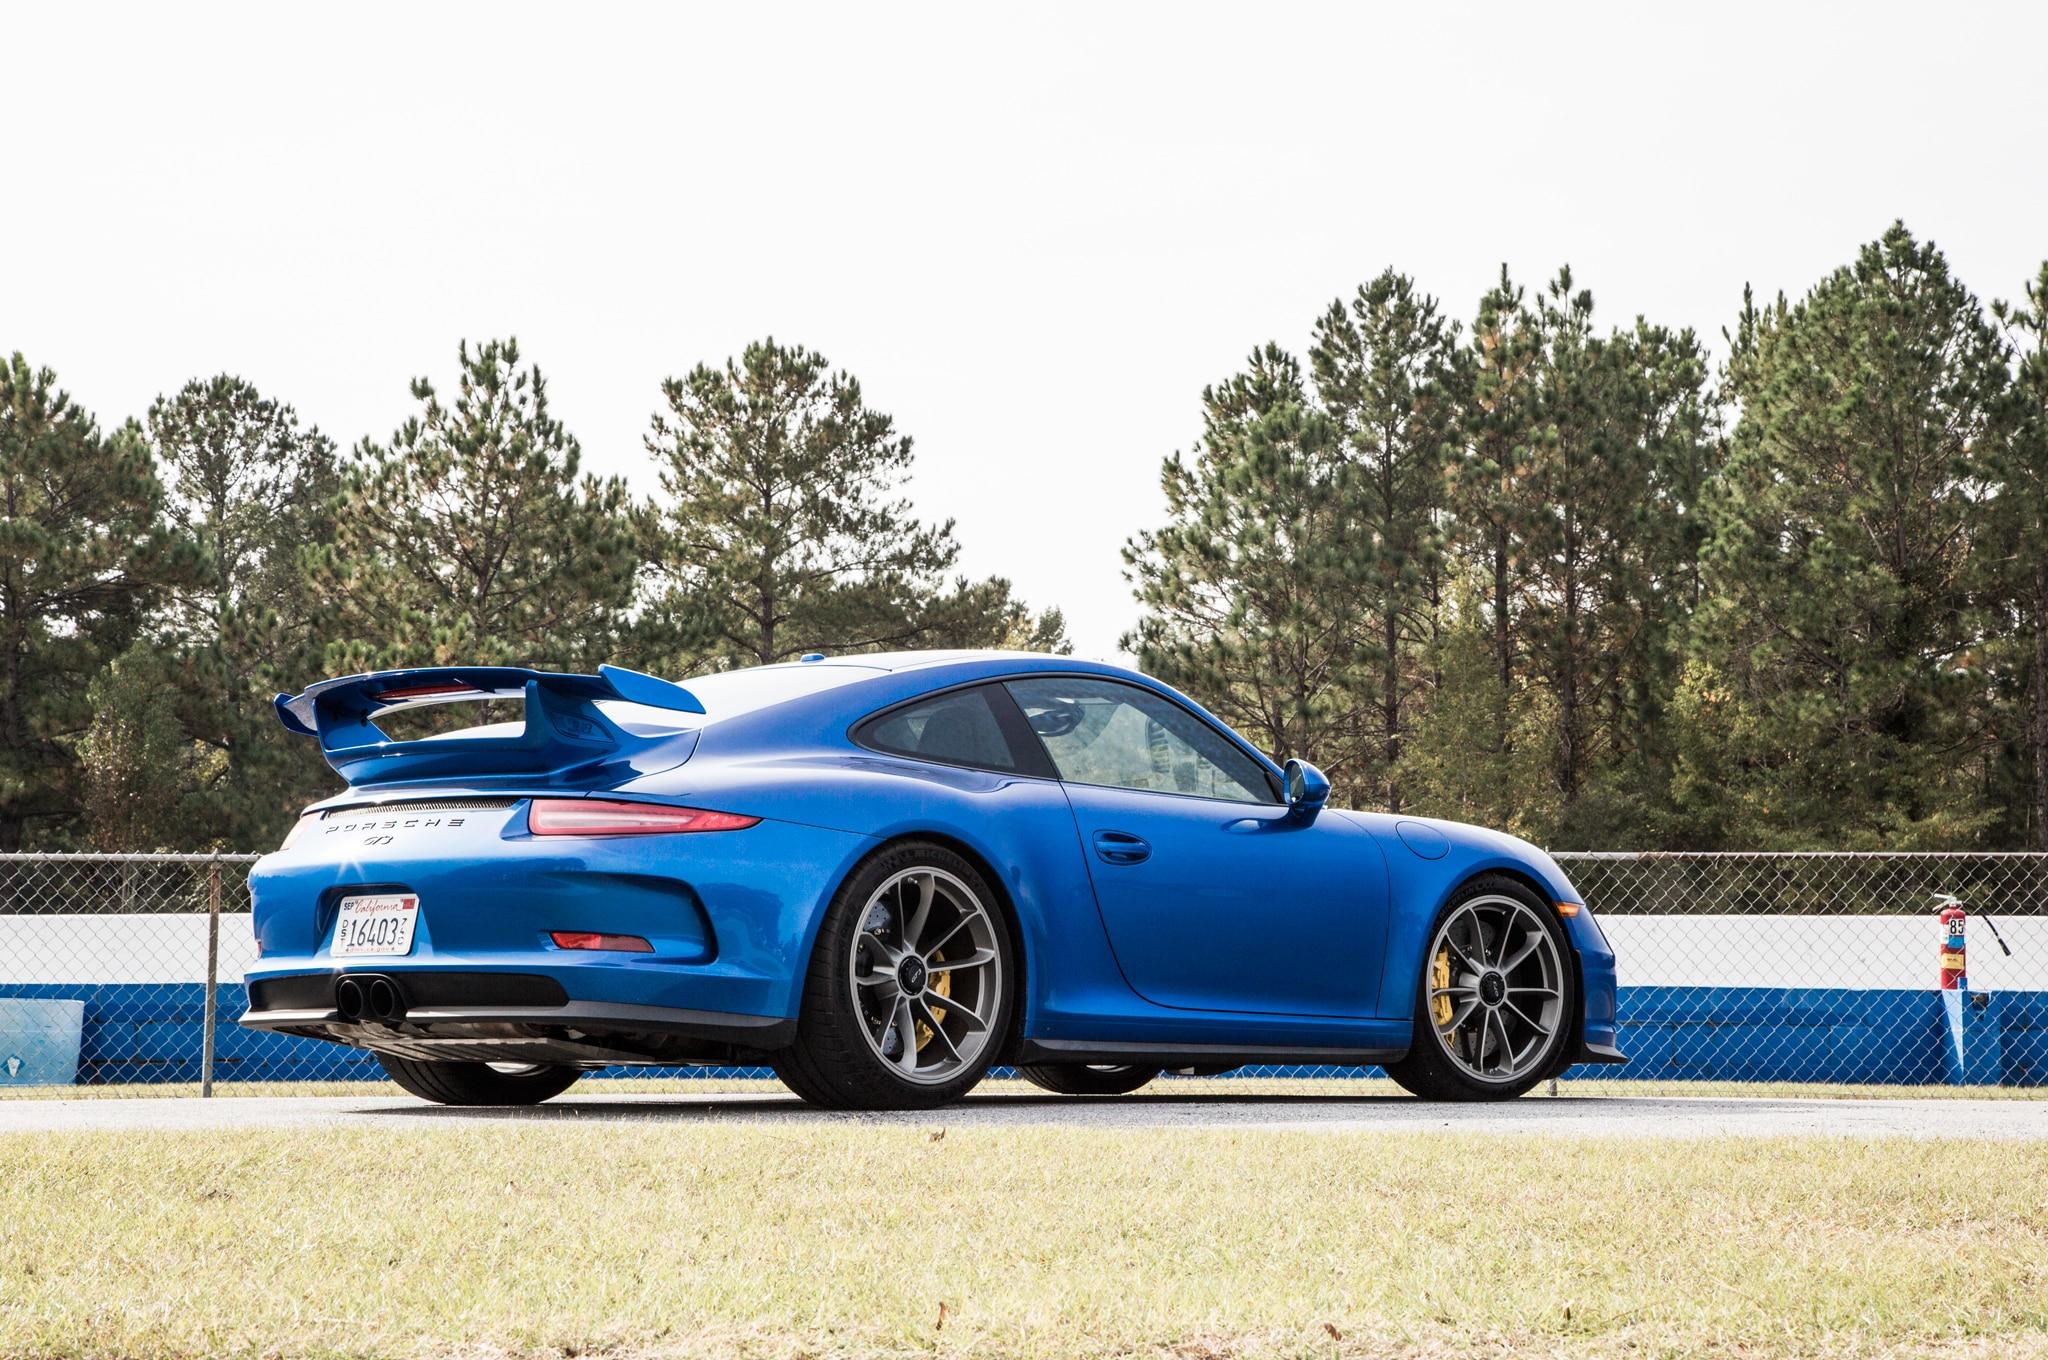 2015 porsche 911 gt3 rear three quarter1 - Porsche 911 Gt3 2015